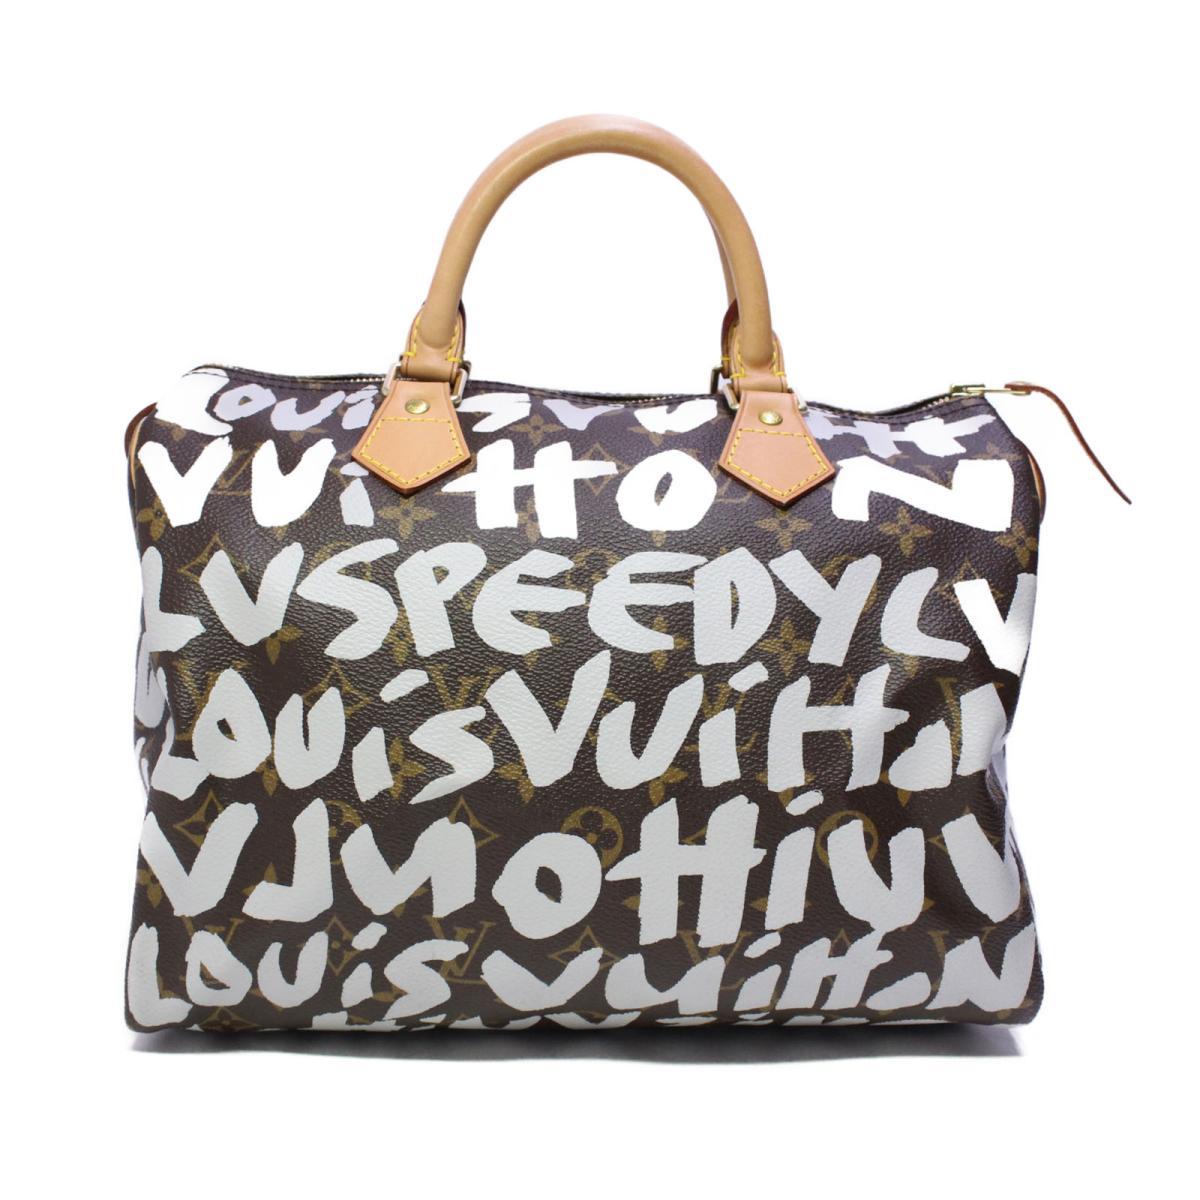 ルイヴィトン スピーディ30 ハンドバッグ バッグ レディース モノグラムグラフィティ (M92195) 【中古】 | ブランド